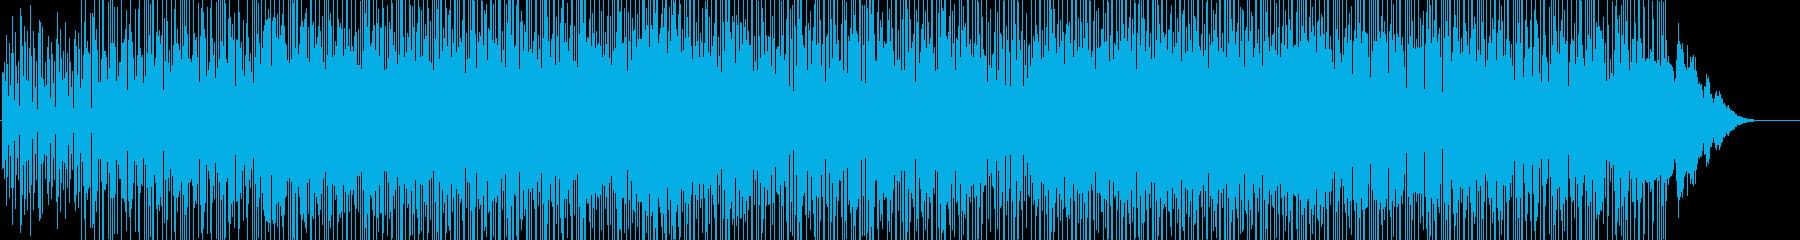 スペーシーな「ジェームズボンド」ム...の再生済みの波形